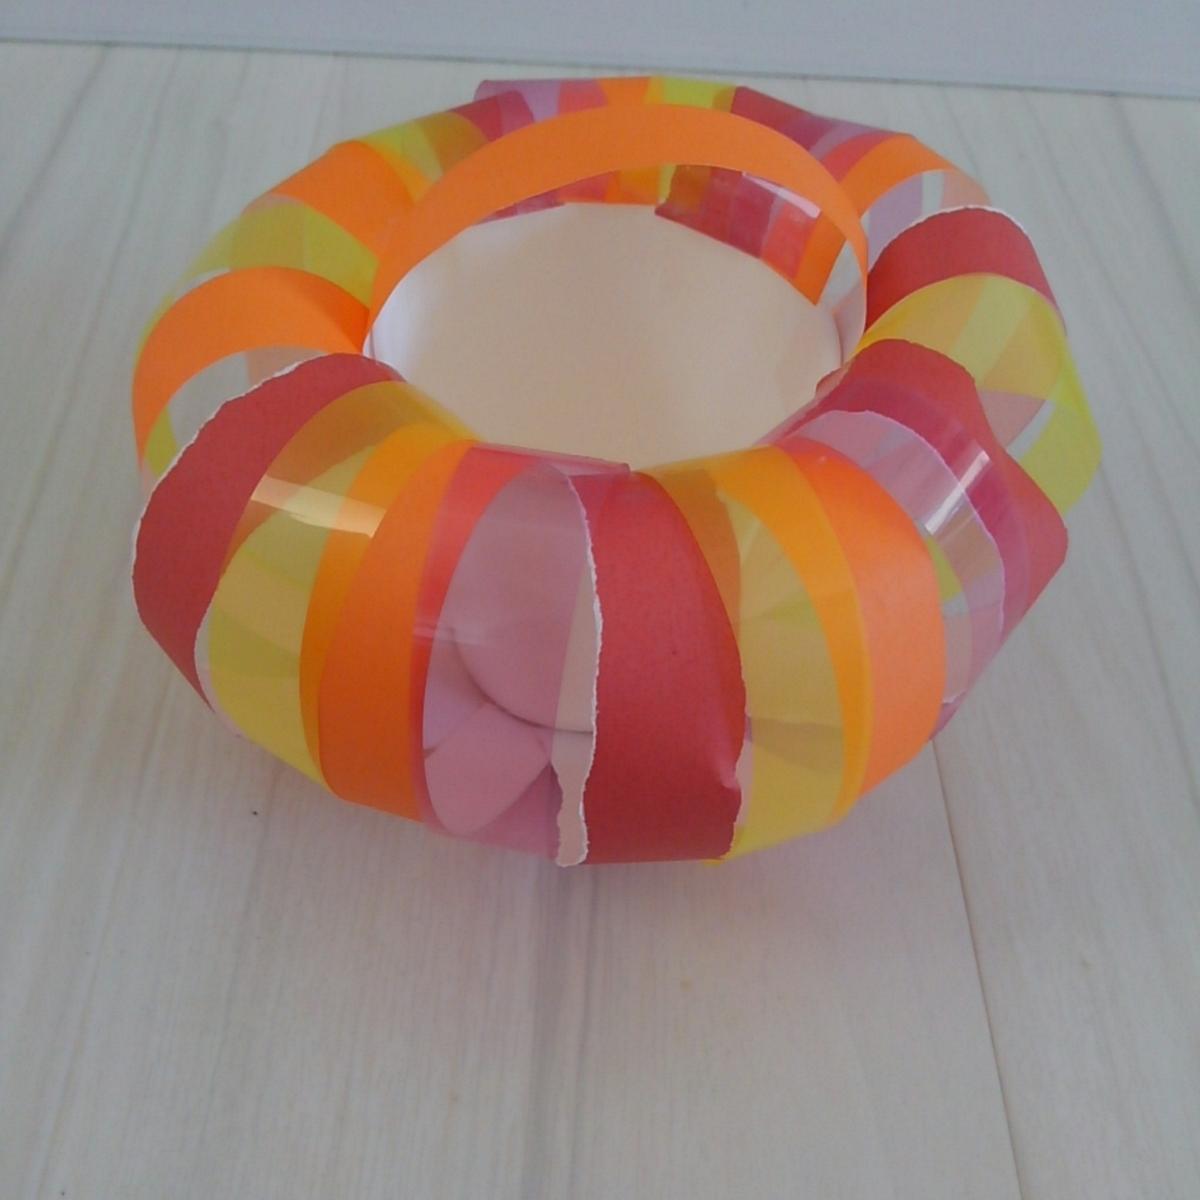 ハロウィン お菓子バッグ パンプキンバッグ 0円工作